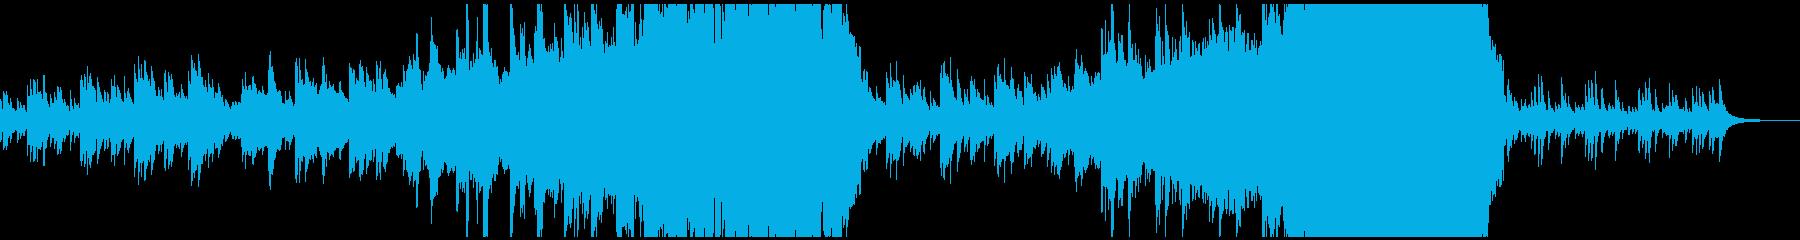 現代の交響曲 アンビエントミュージ...の再生済みの波形